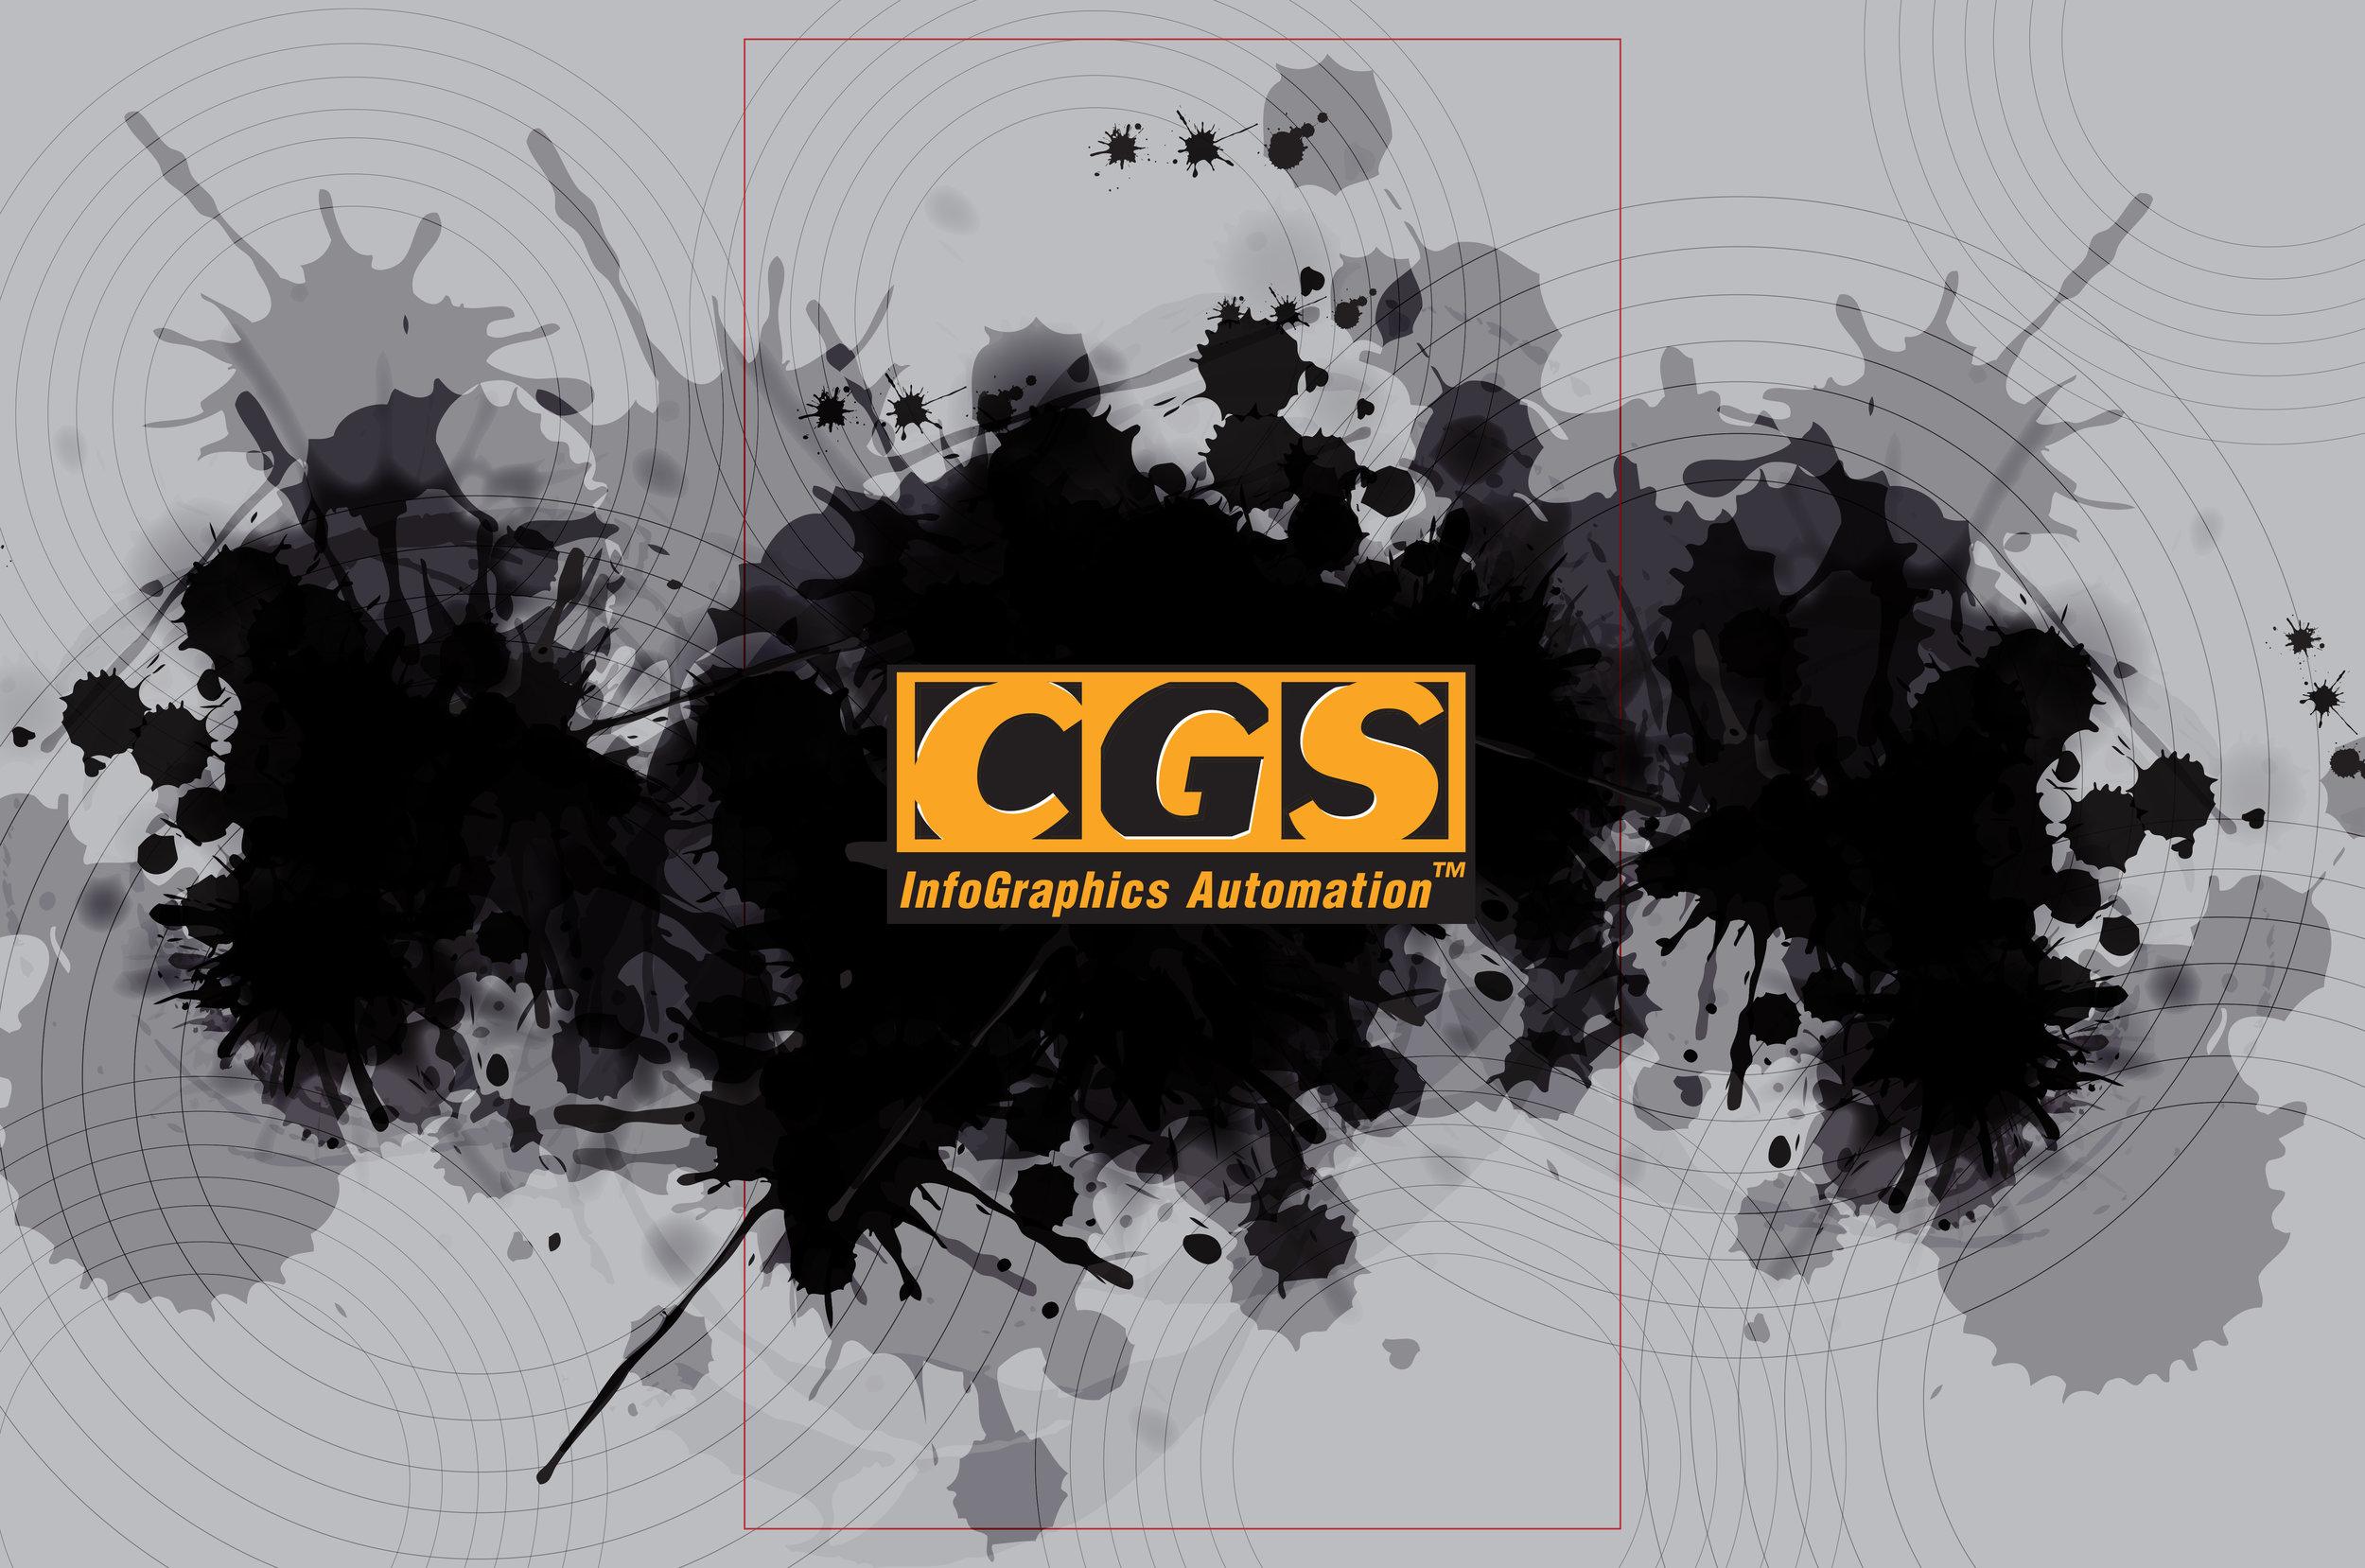 CGSM Kiosk 2013.jpg